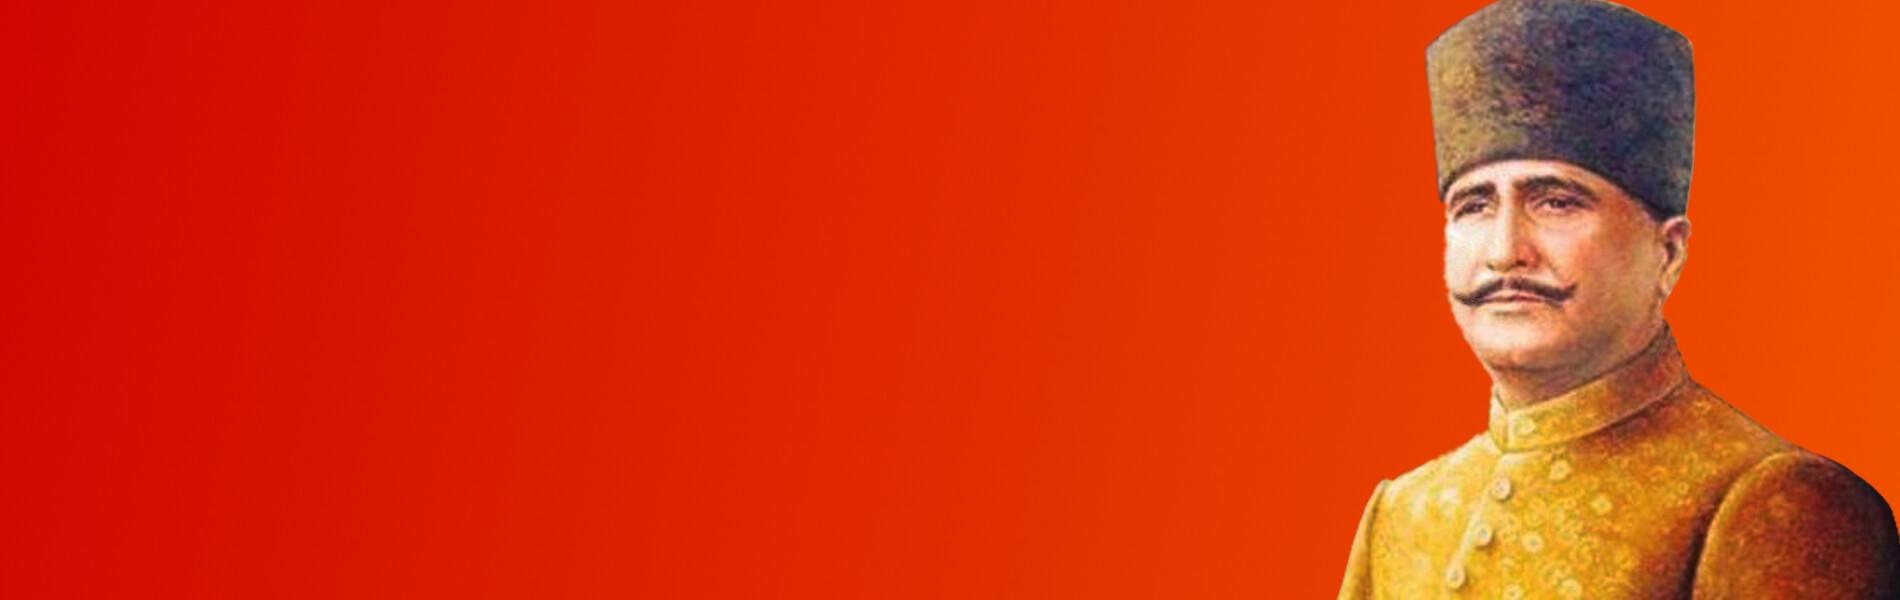 Kulliyat e Iqbal (@kulliyateiqbal) Cover Image